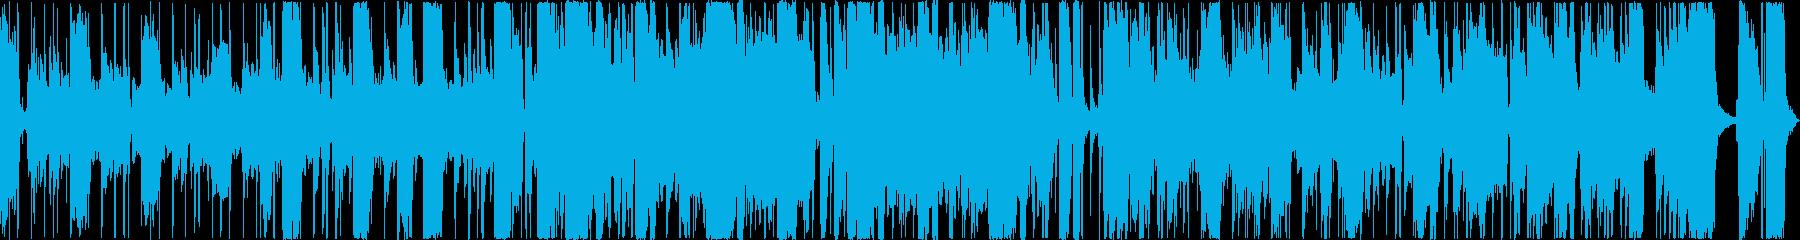 クラシックなクールファンクサウンドの再生済みの波形